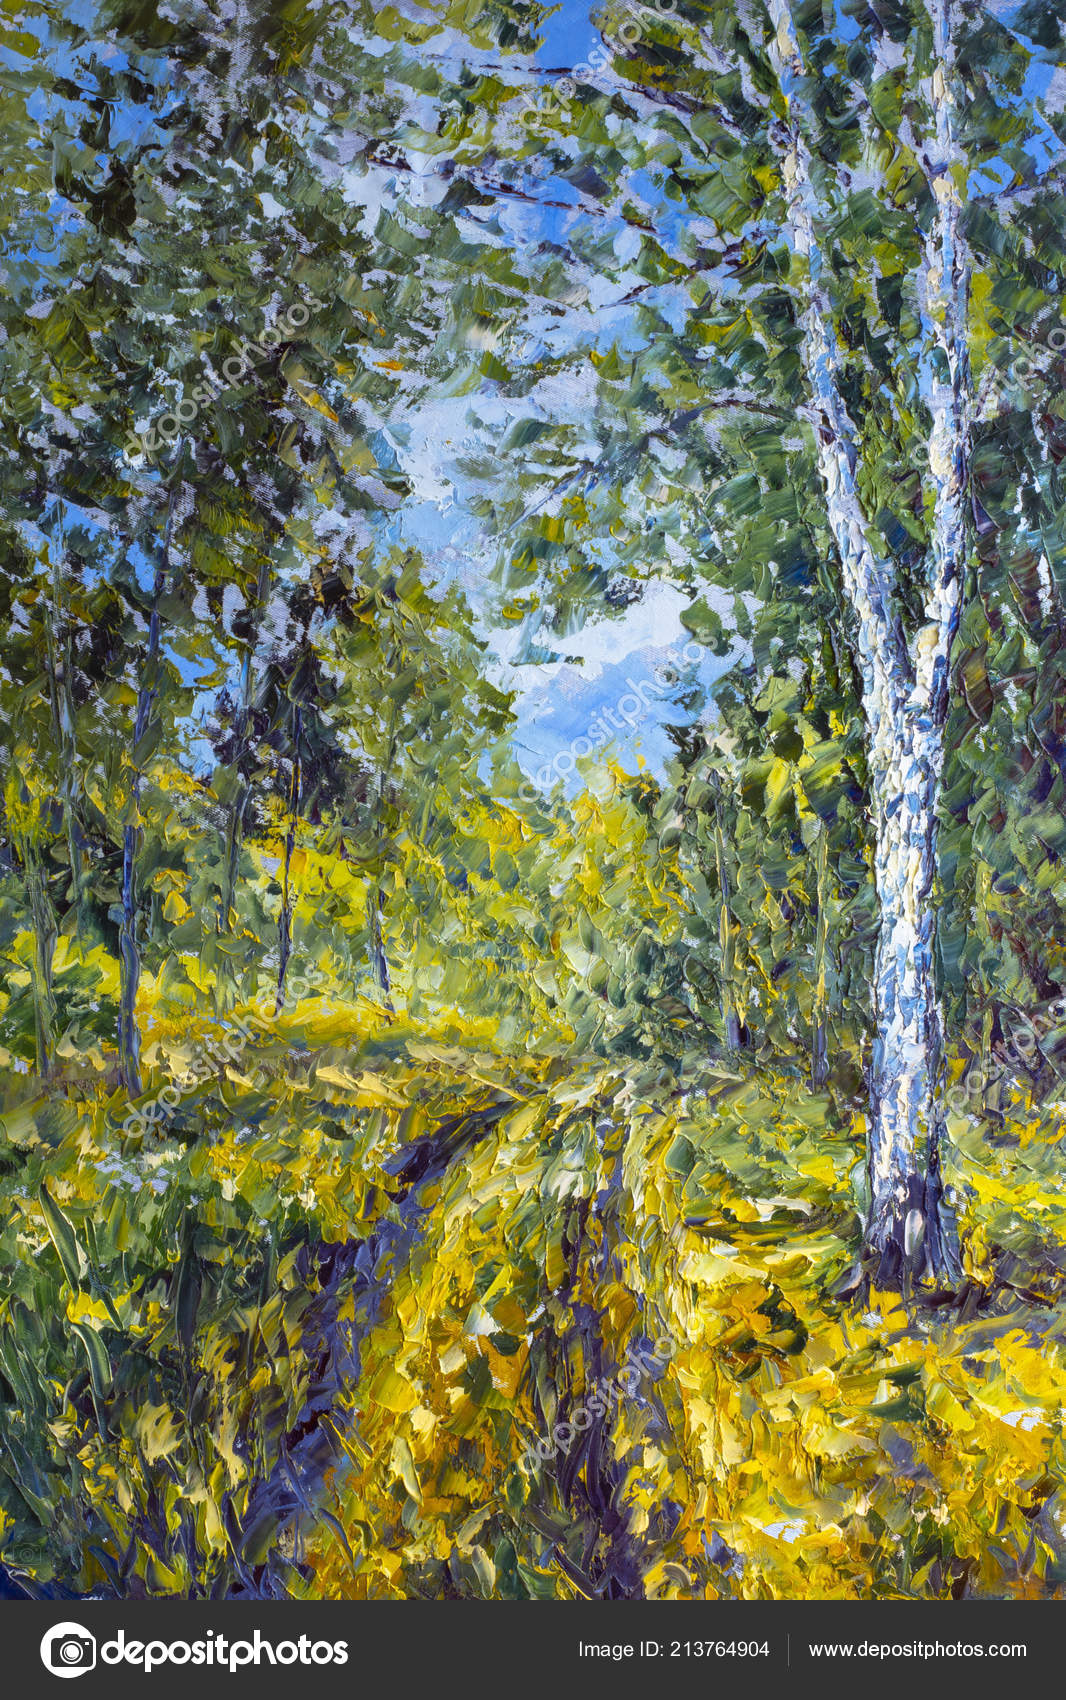 Moderni Malba Spachtli Pastozni Impresionismu Jarni Priroda Krajina